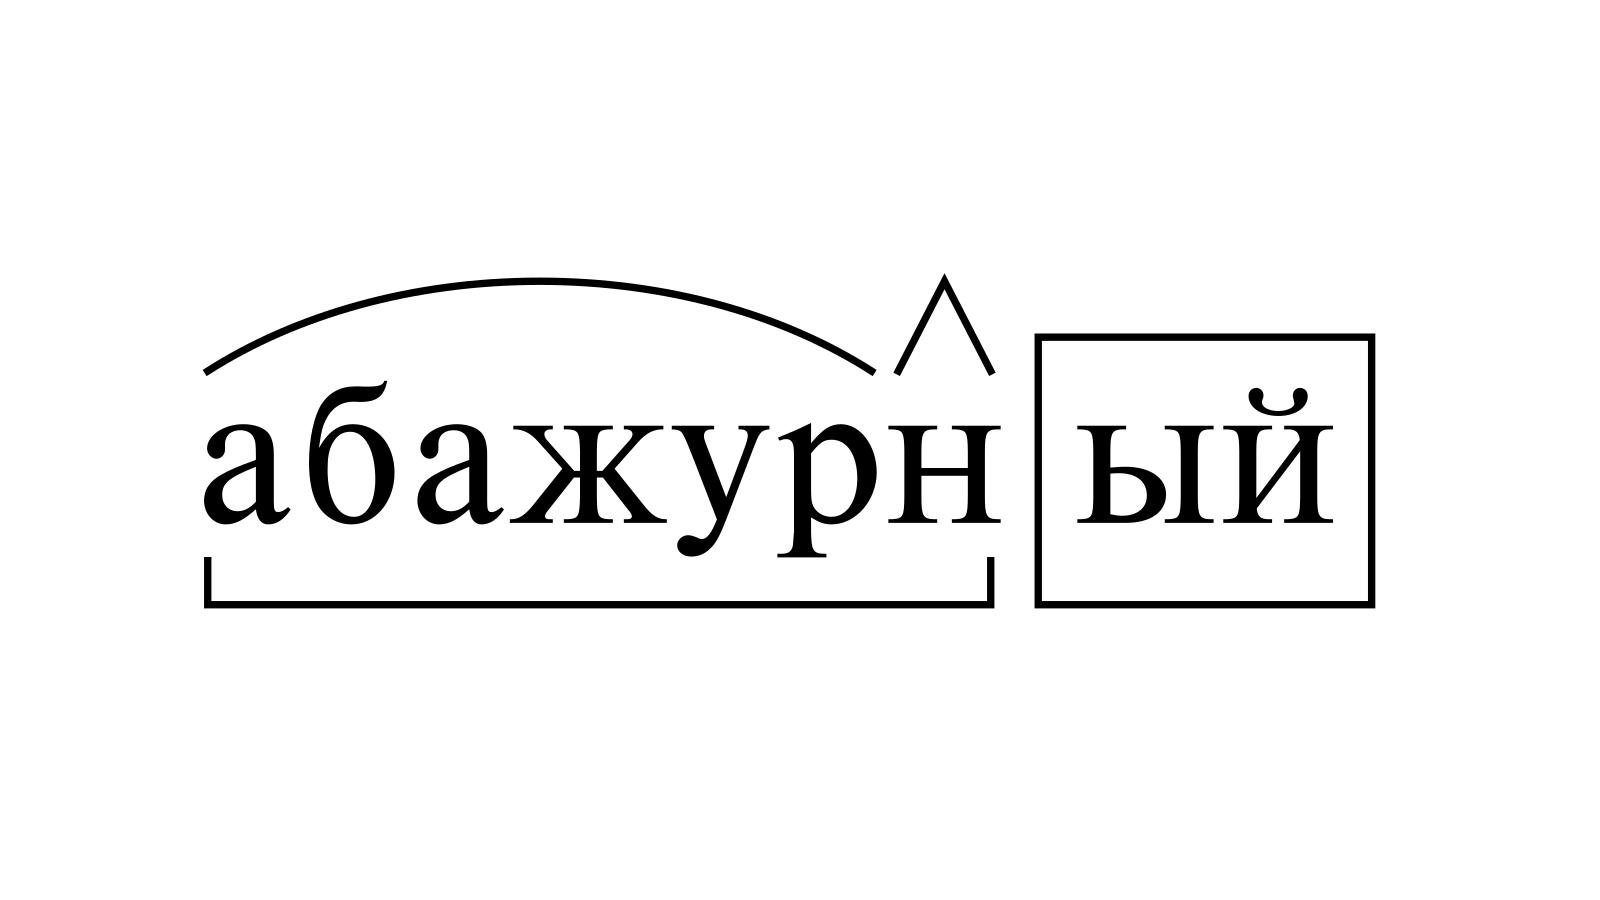 Разбор слова «абажурный» по составу